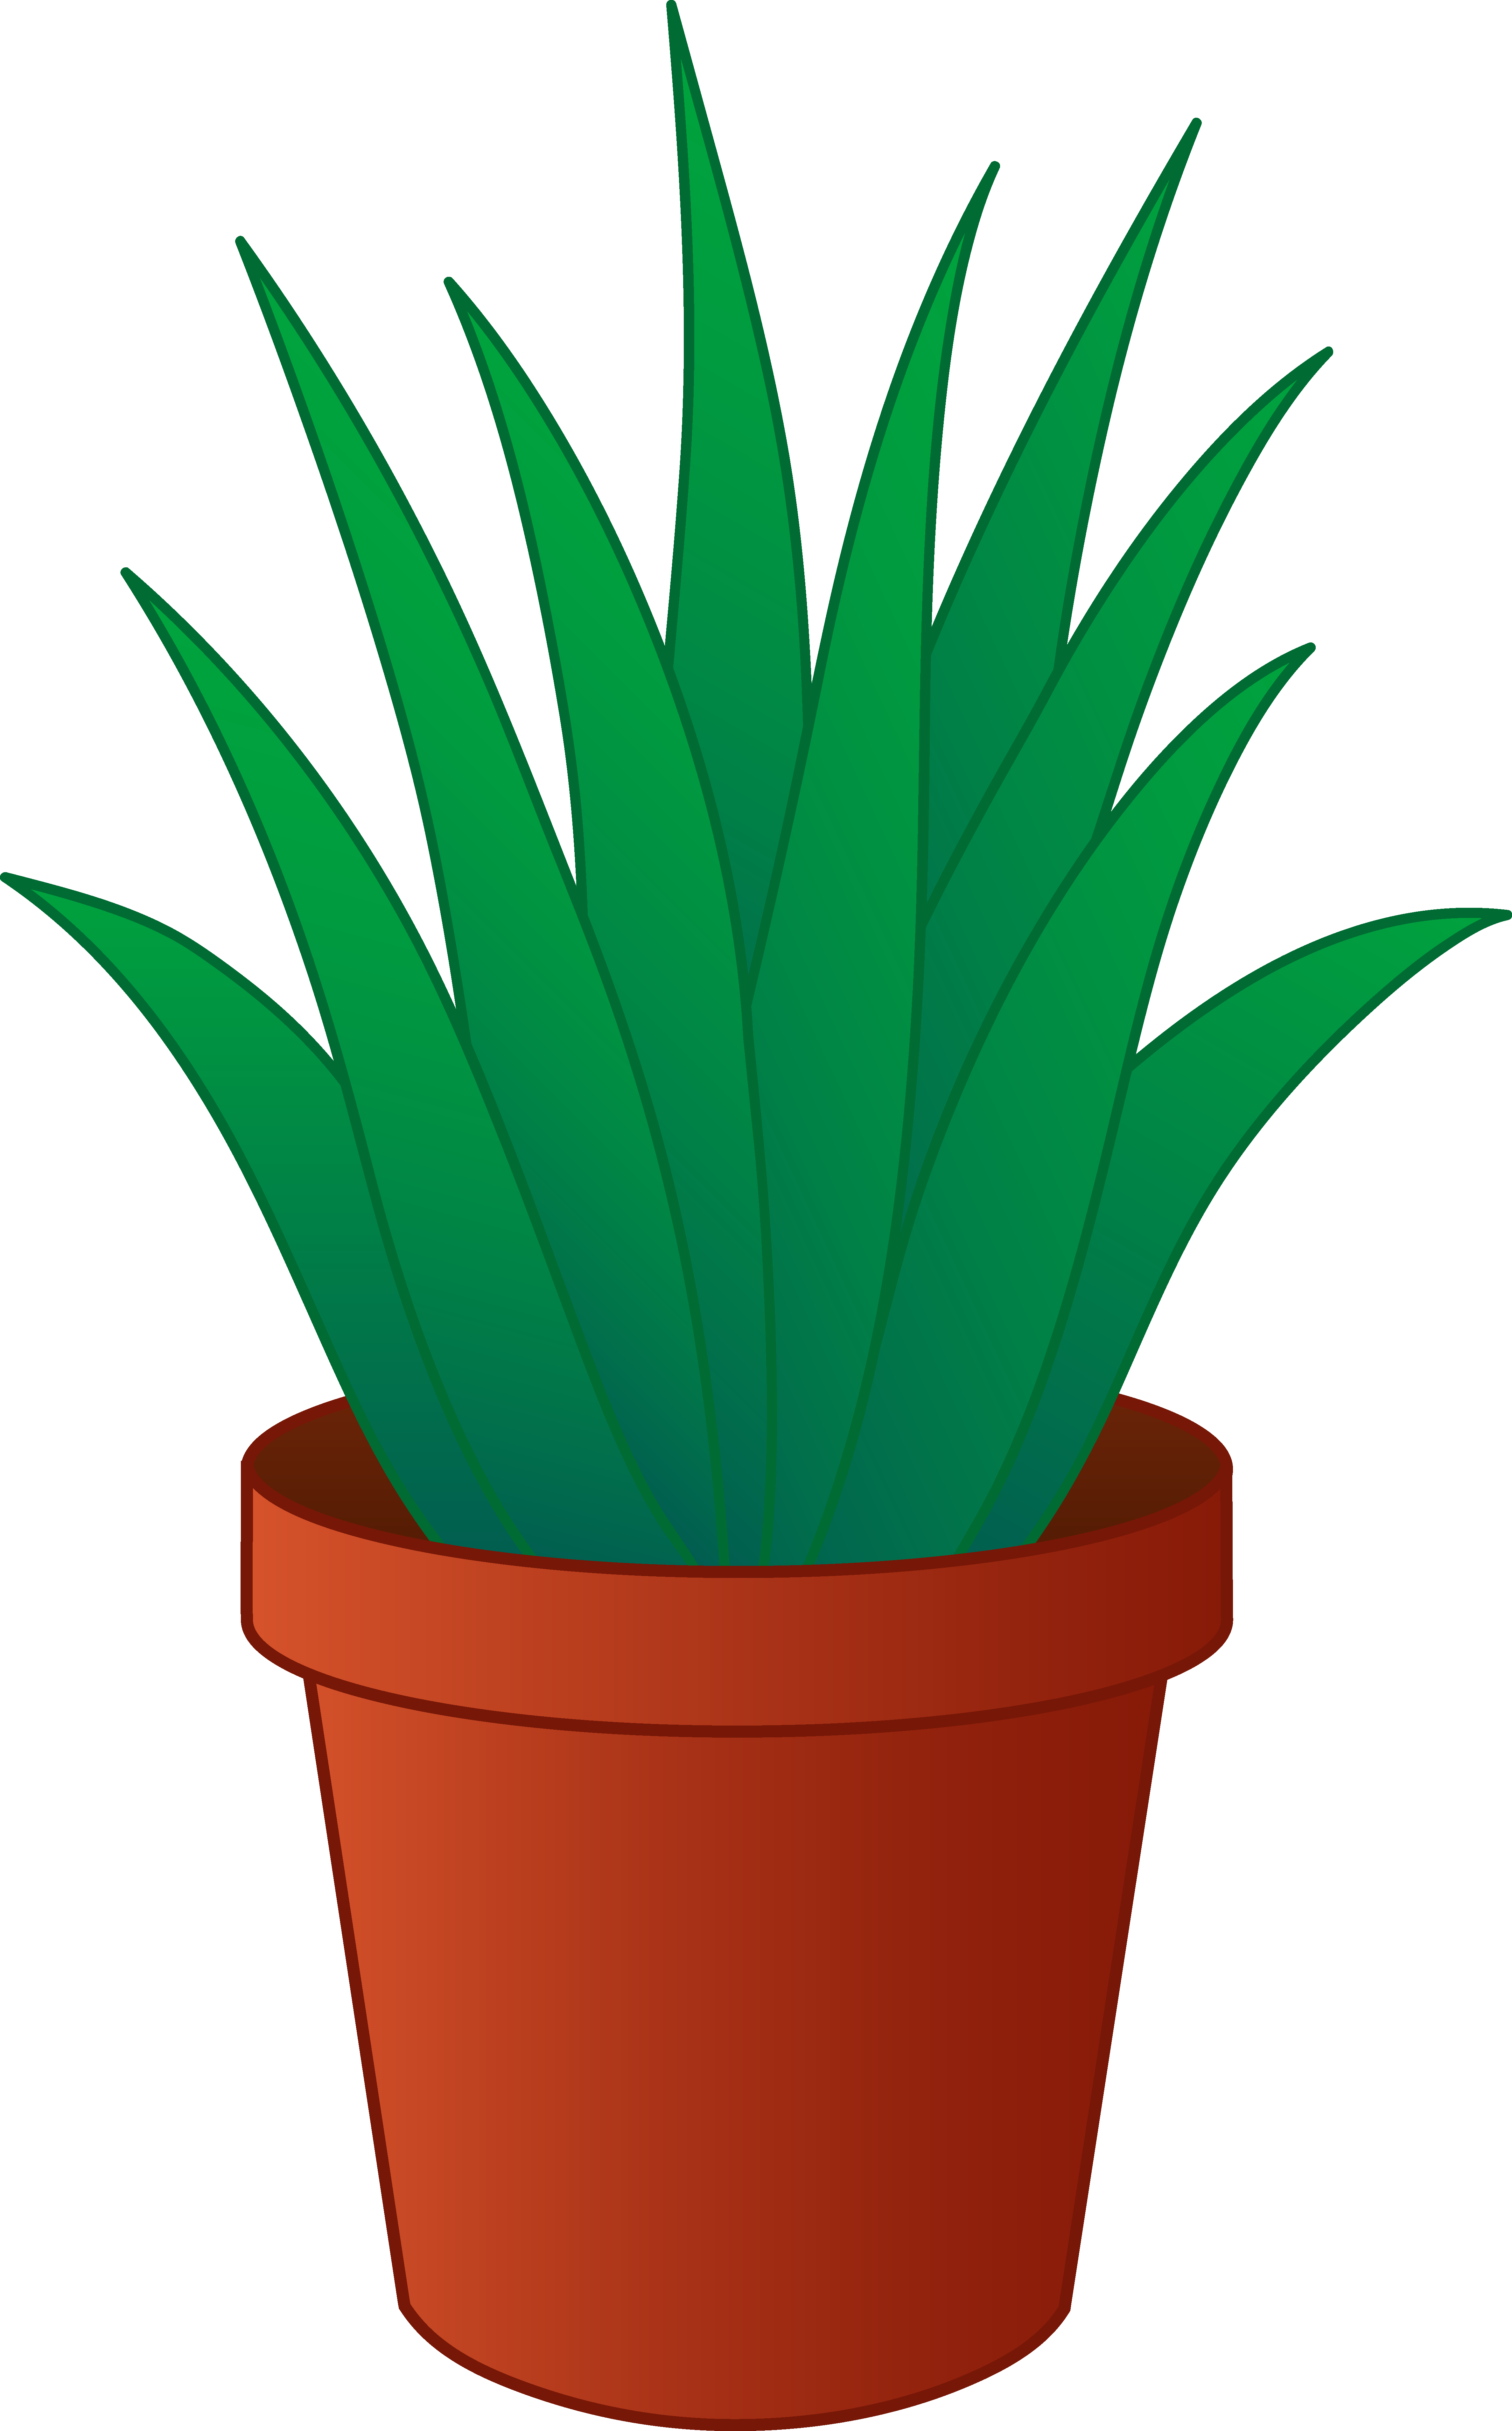 Aloe Vera Plant In Pot Clipart.